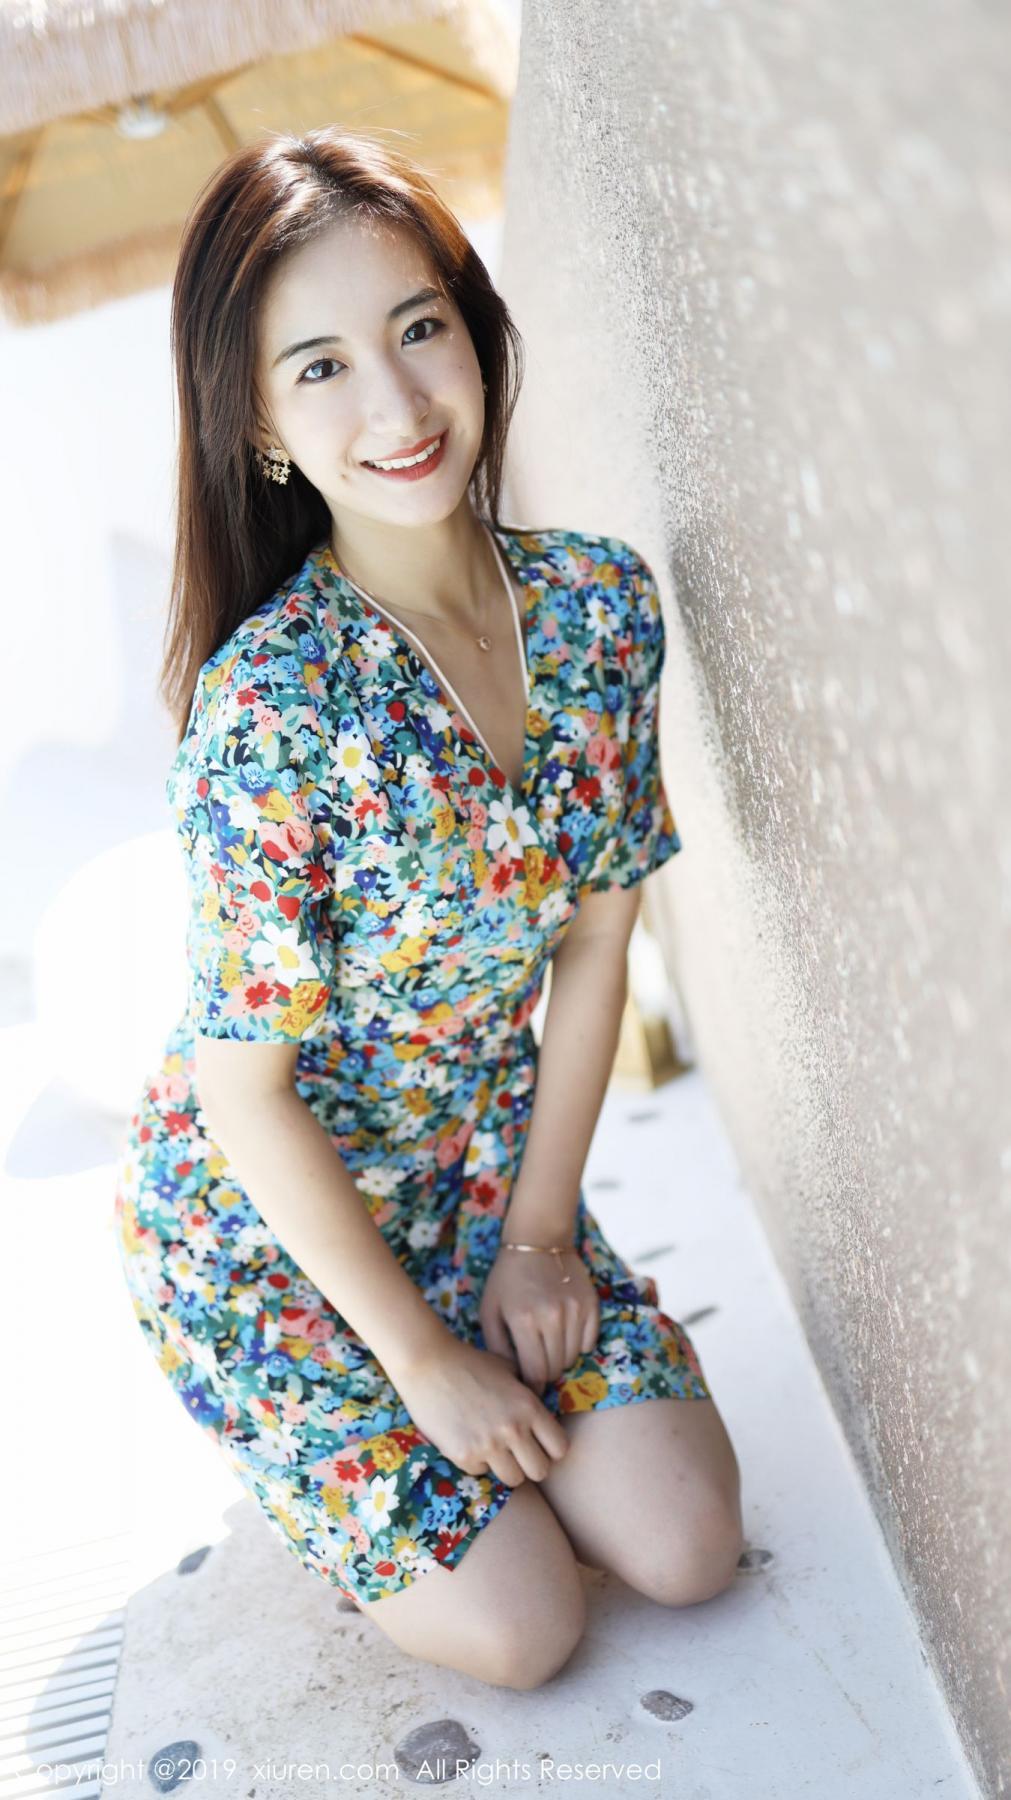 [XiuRen] Vol.1641 Gong Tian Yi 54P, Gong Tian Yi, Pretty, Temperament, Xiuren